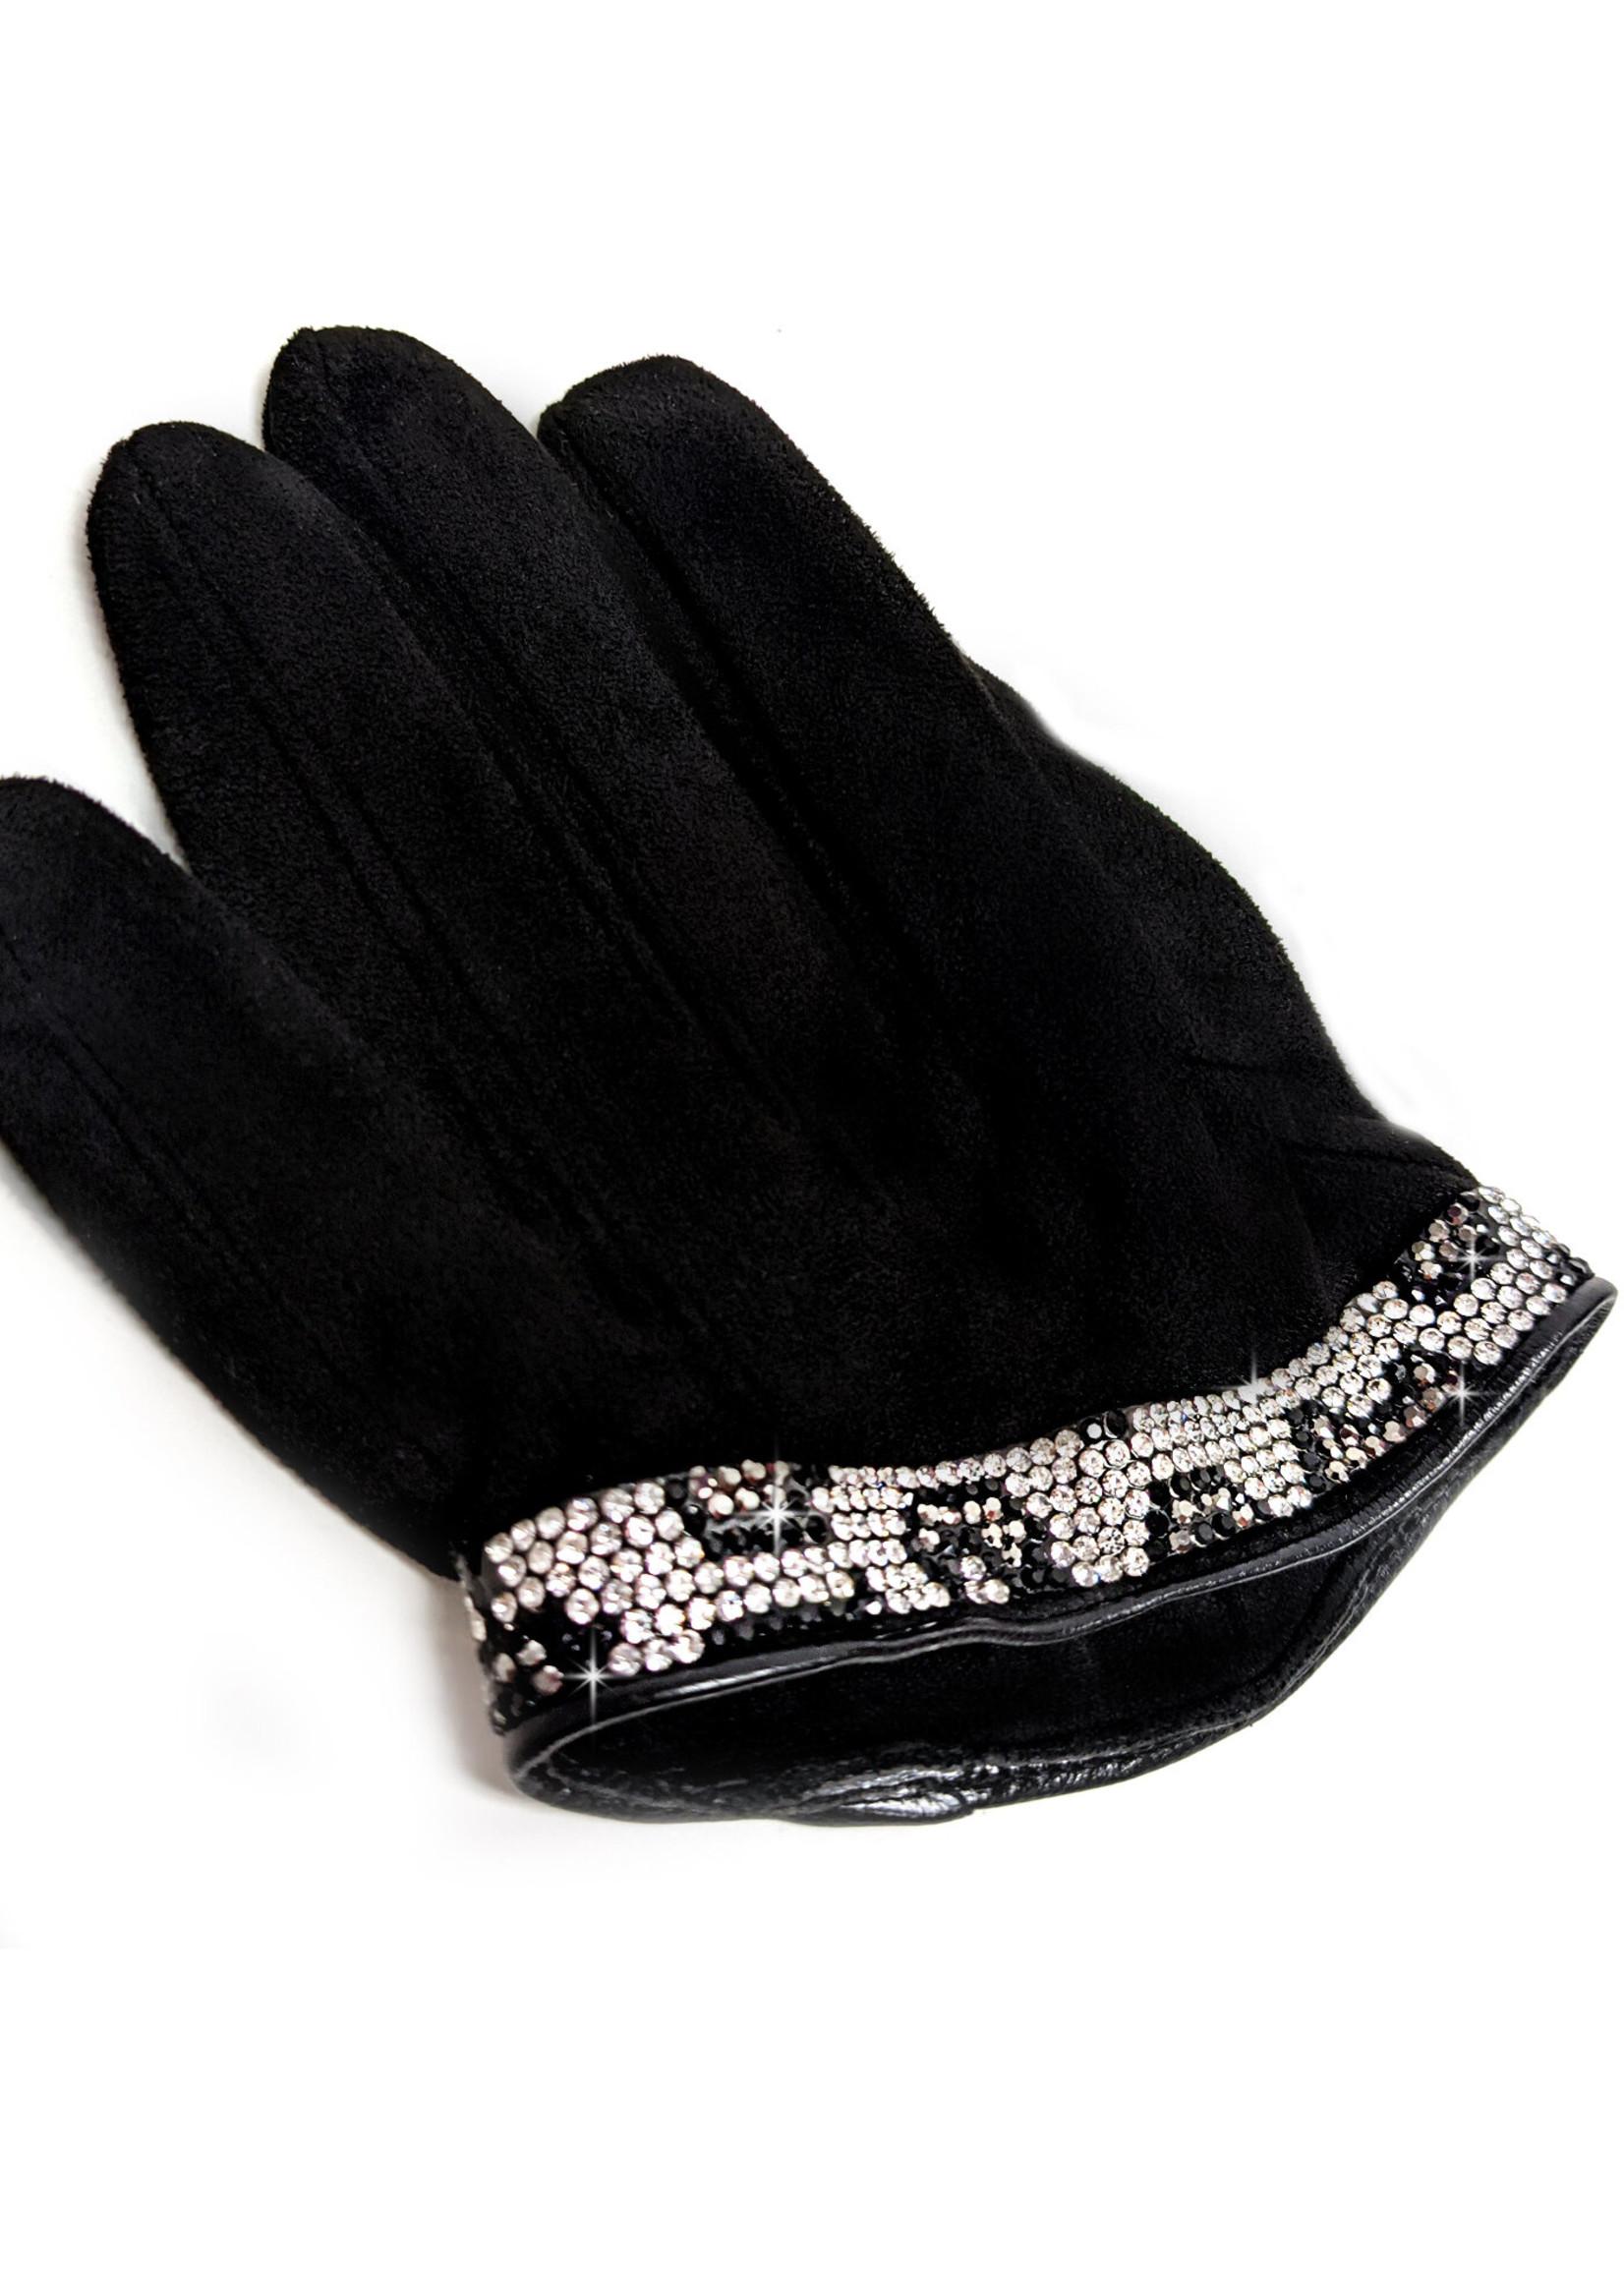 Jacqueline Kent Bubbles & Bling Driving Gloves